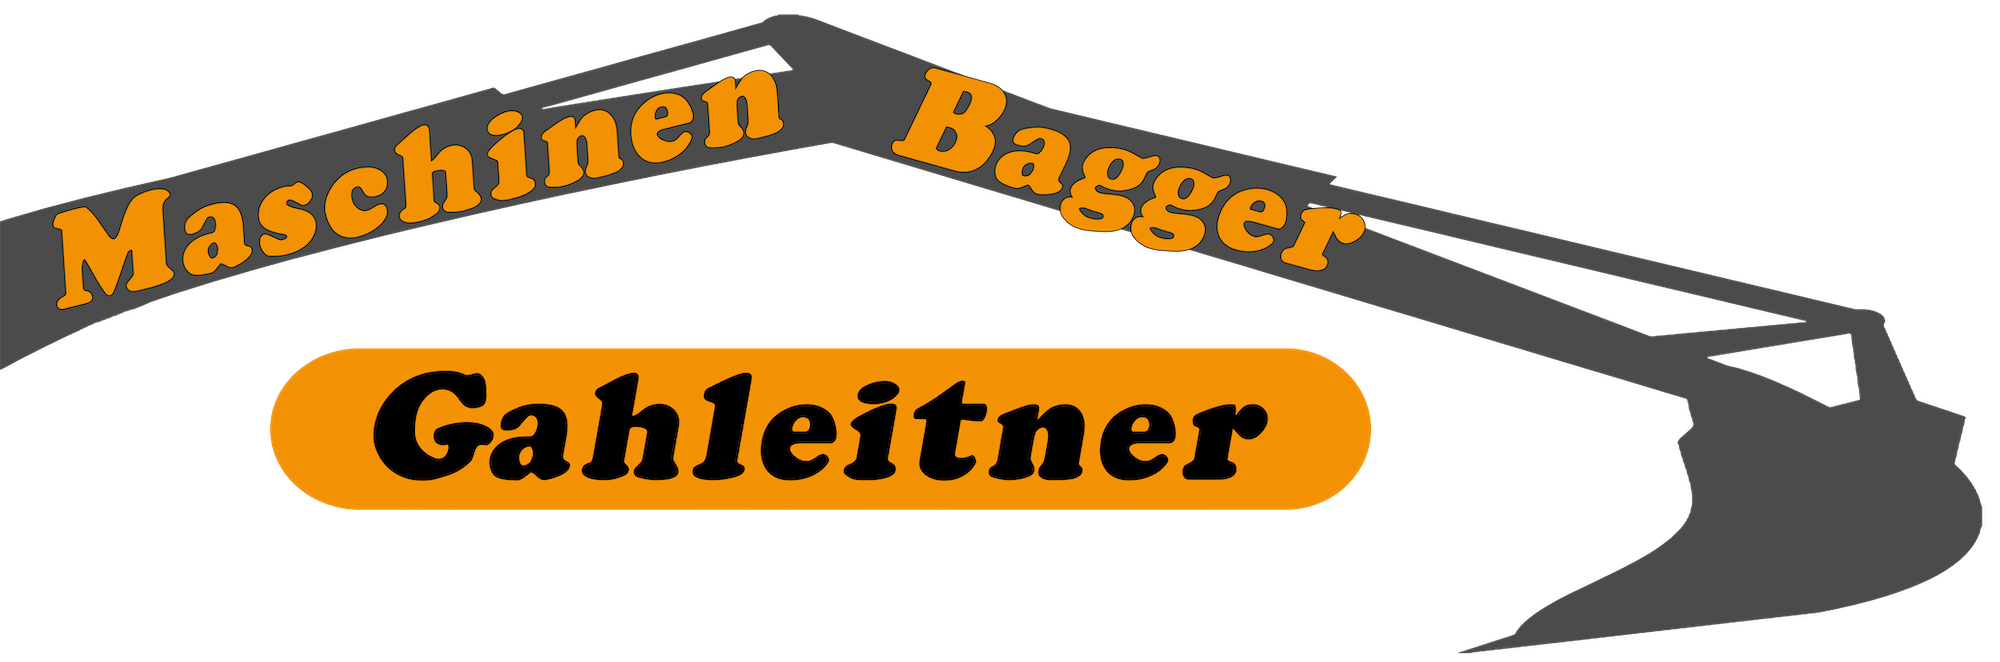 Maschinenhandel, Ersatzteilhandel & Baggerungen in Oberösterreich | Markus Gahleitner aus dem Bezirk Eferding in Oberötserreich: Baumaschinenhandel, Maschinenhandel, Ersatzteilhandel, Baggerungen un Winterdienst - Oberösterreich